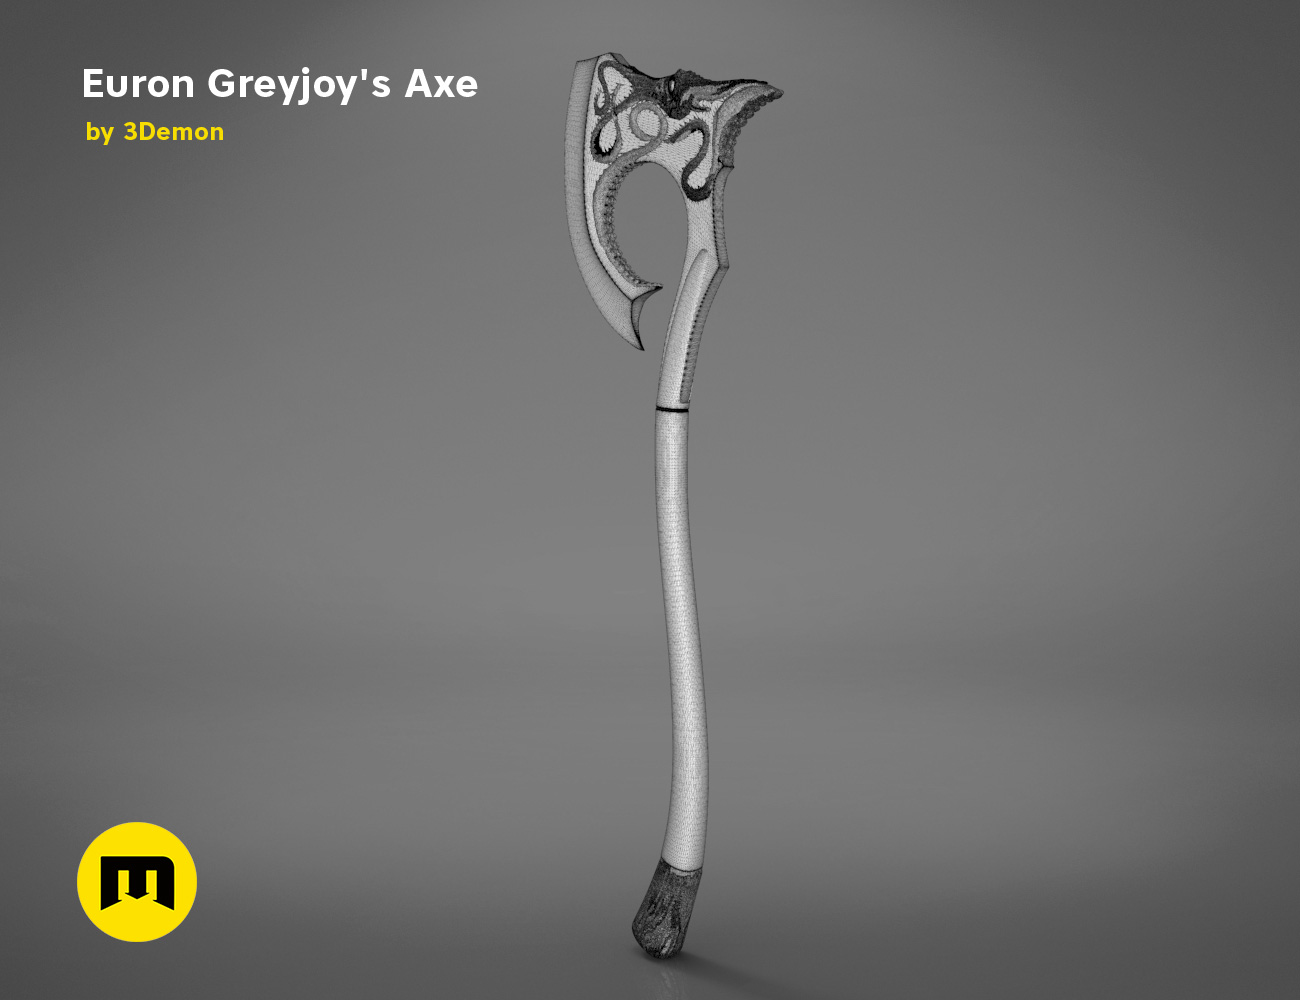 axe-gameofthrones-mesh.983.jpg Download OBJ file Euron Greyjoy's Axe • 3D printable object, 3D-mon